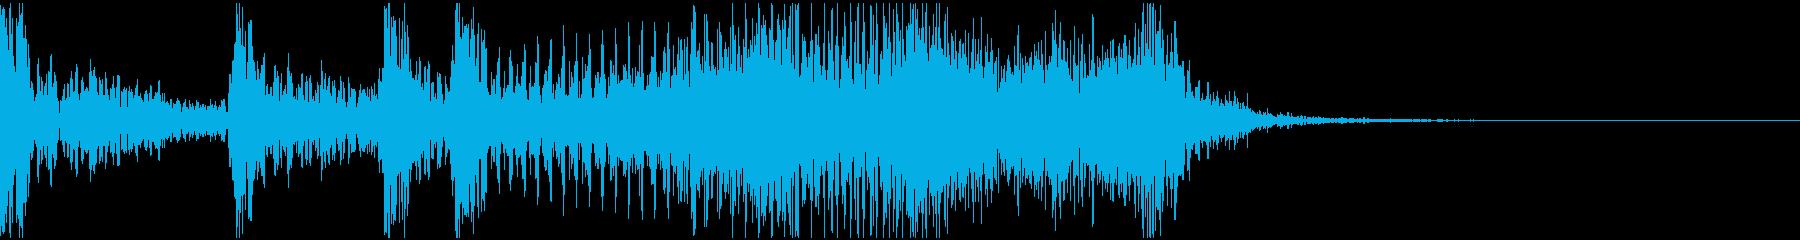 サウンドロゴ 2秒 企業 機械 科学 の再生済みの波形